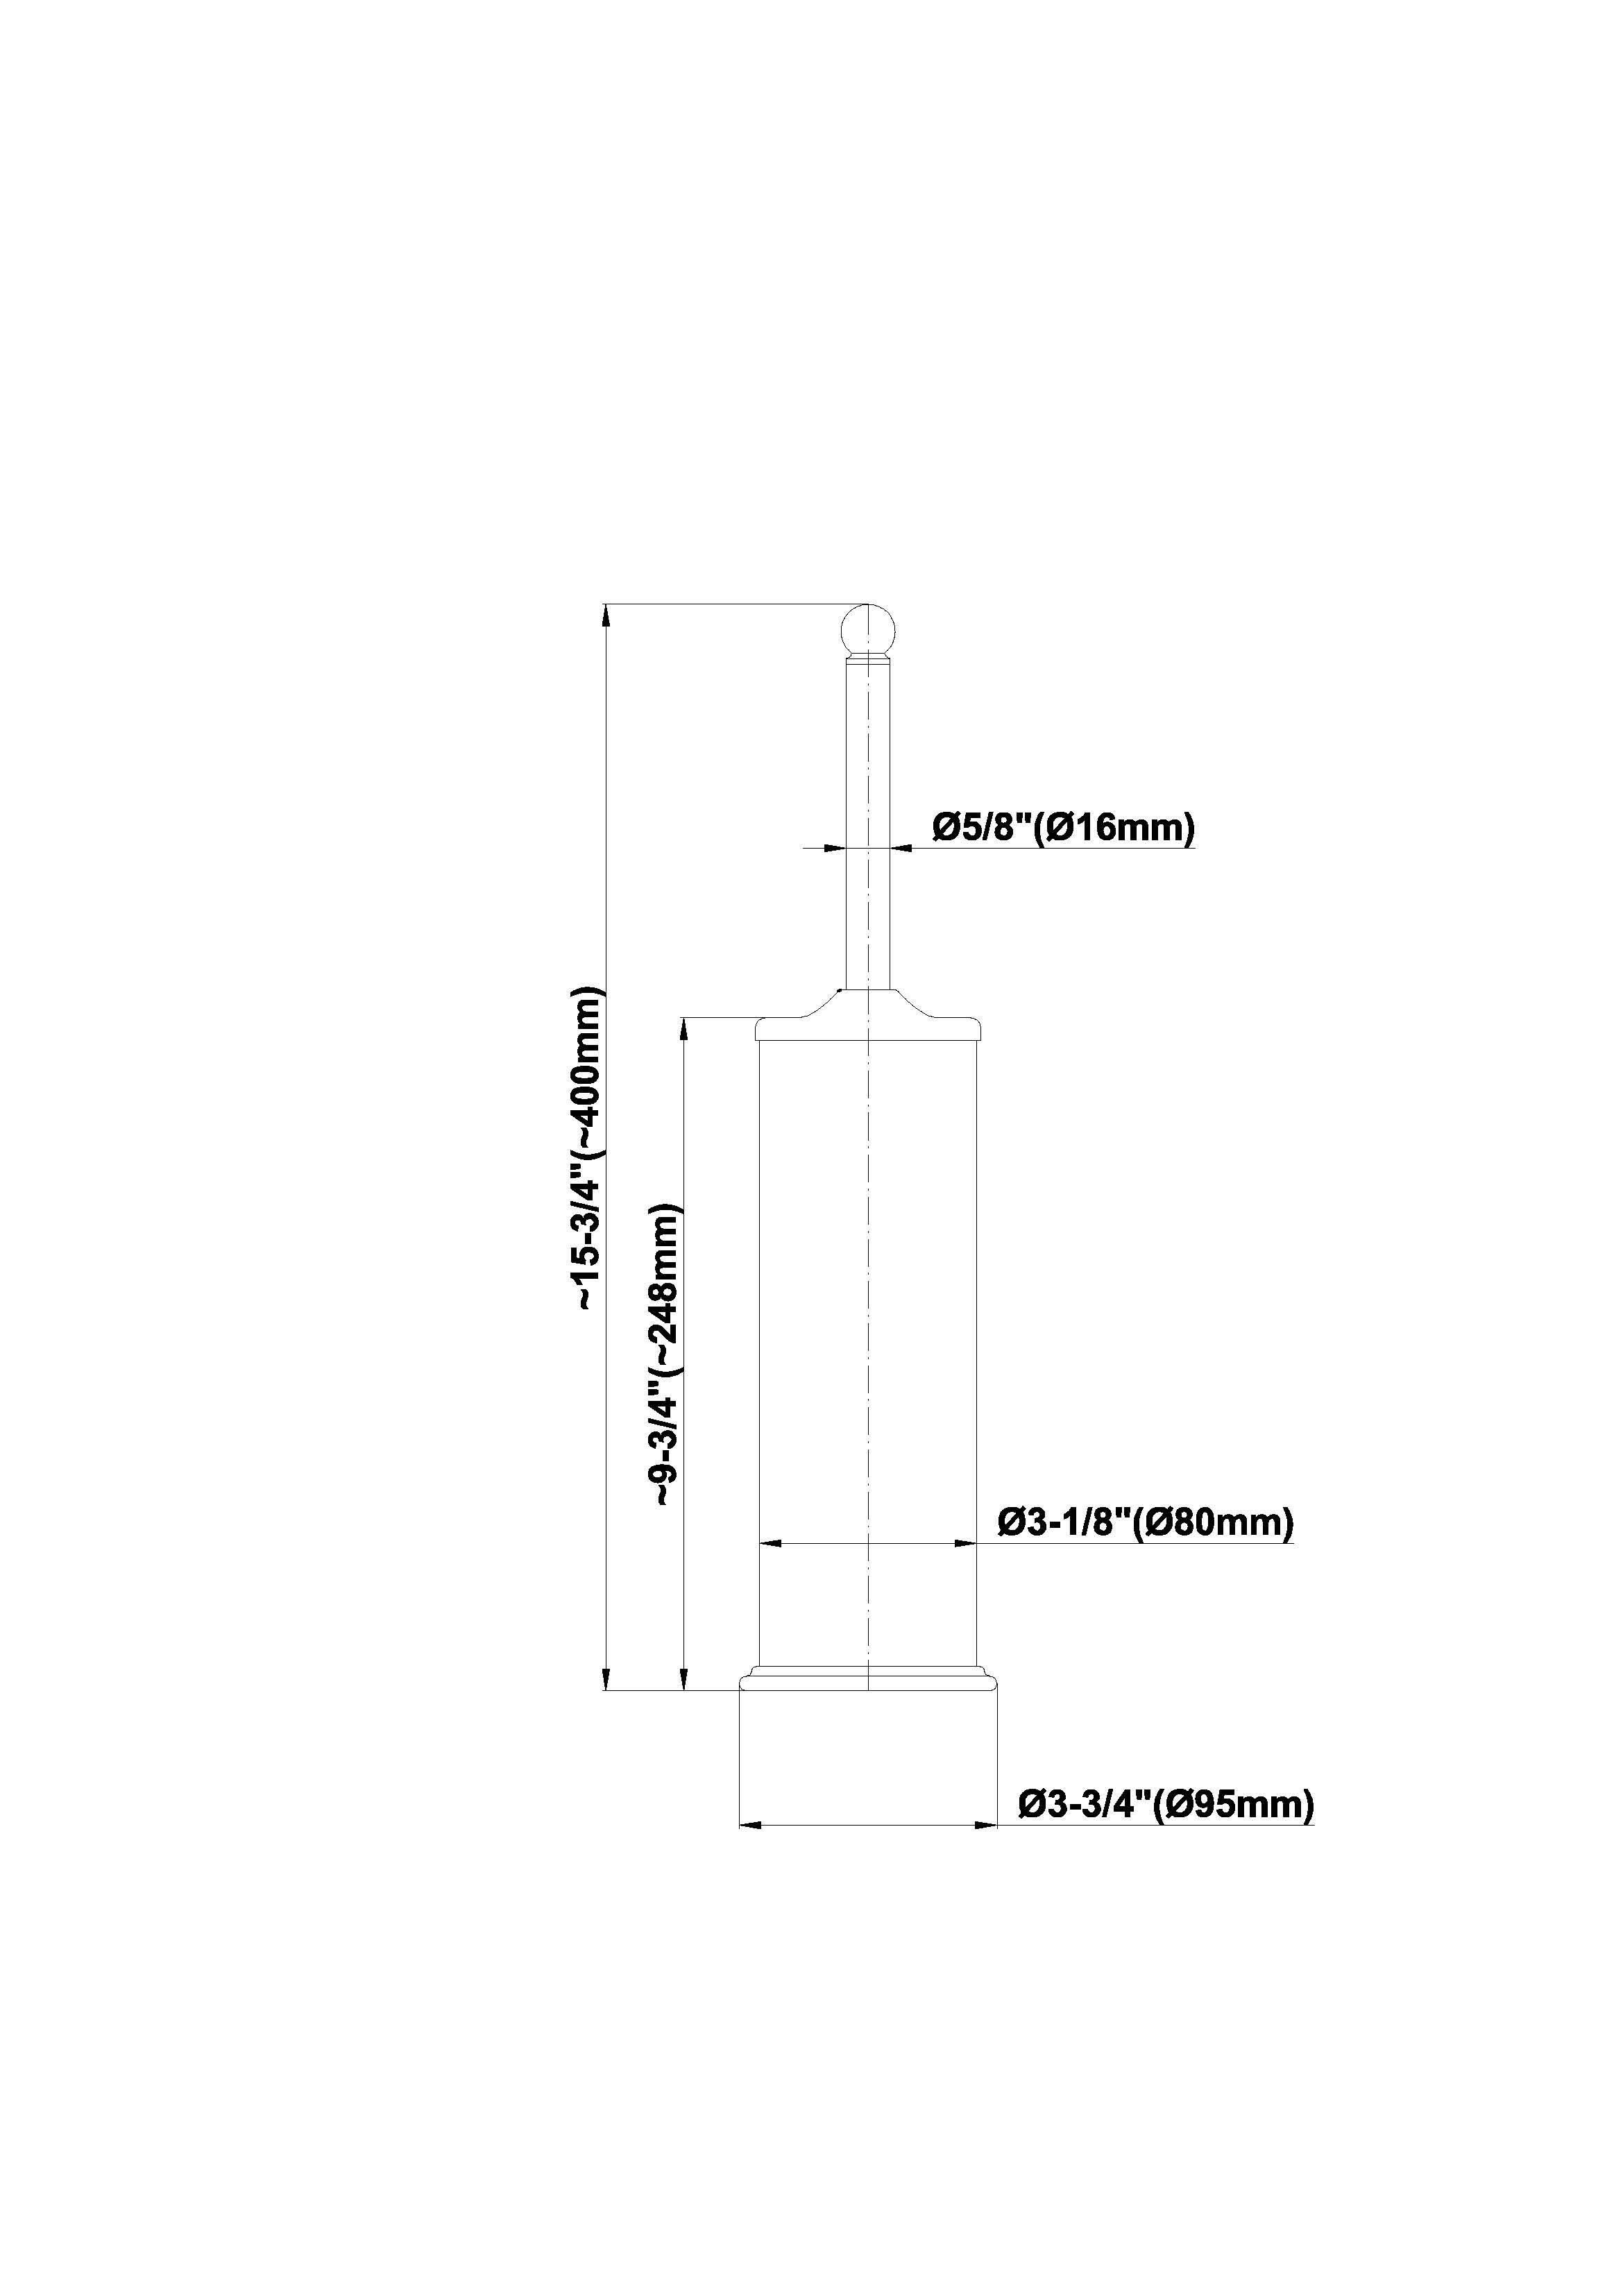 Suport pentru perie WC Graff Bali 2379100 Fisa tehnica